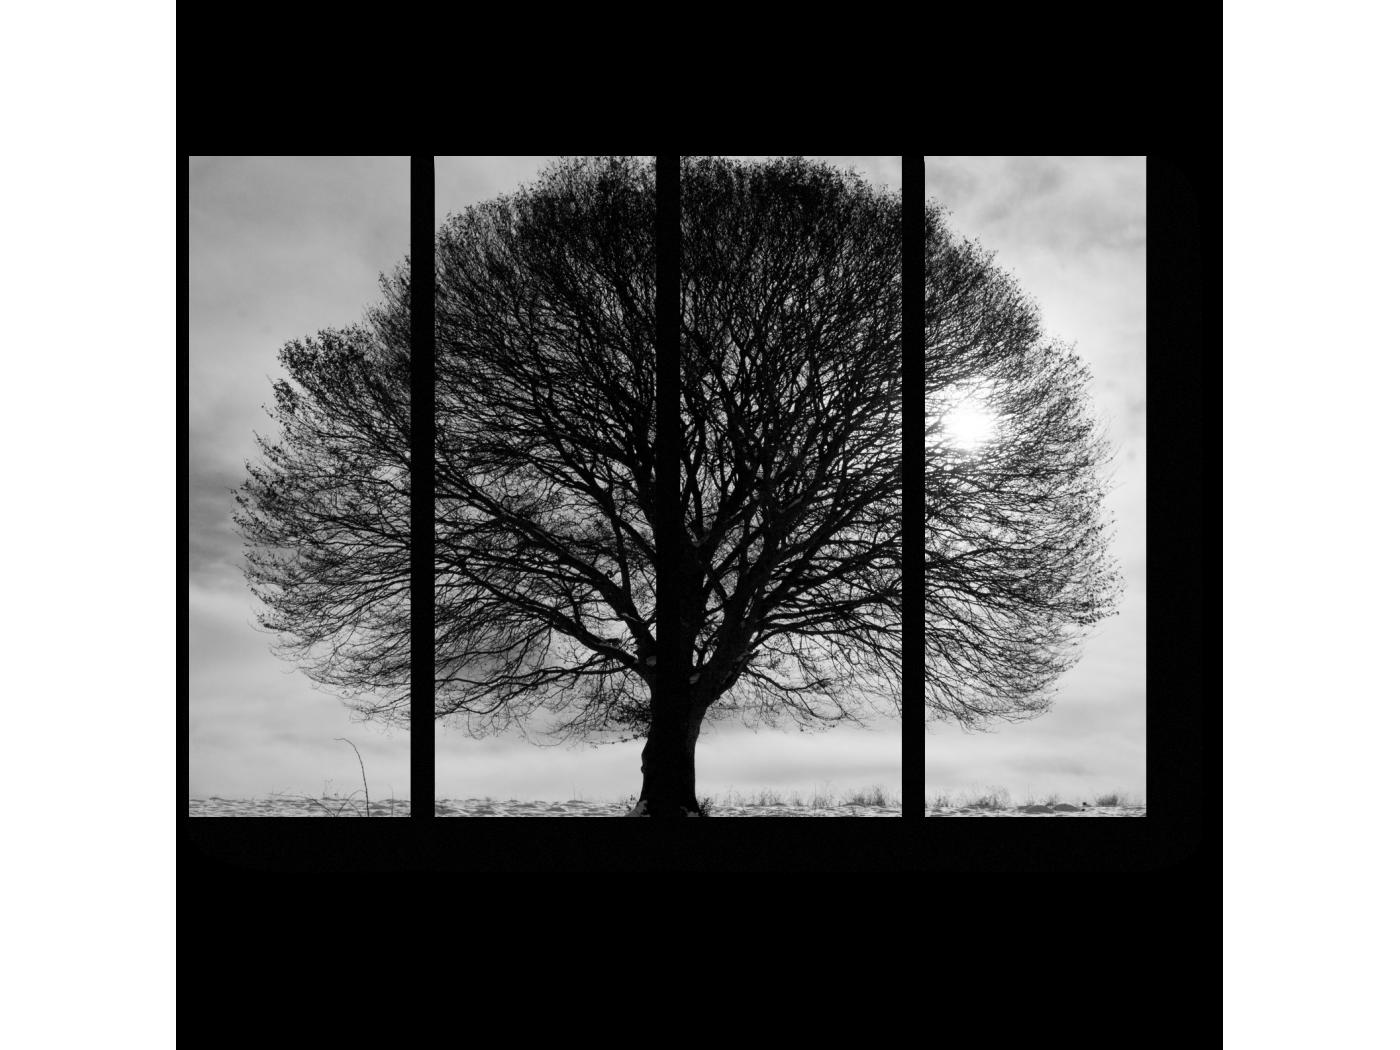 Модульная картина Древо жизни (60x45) фото